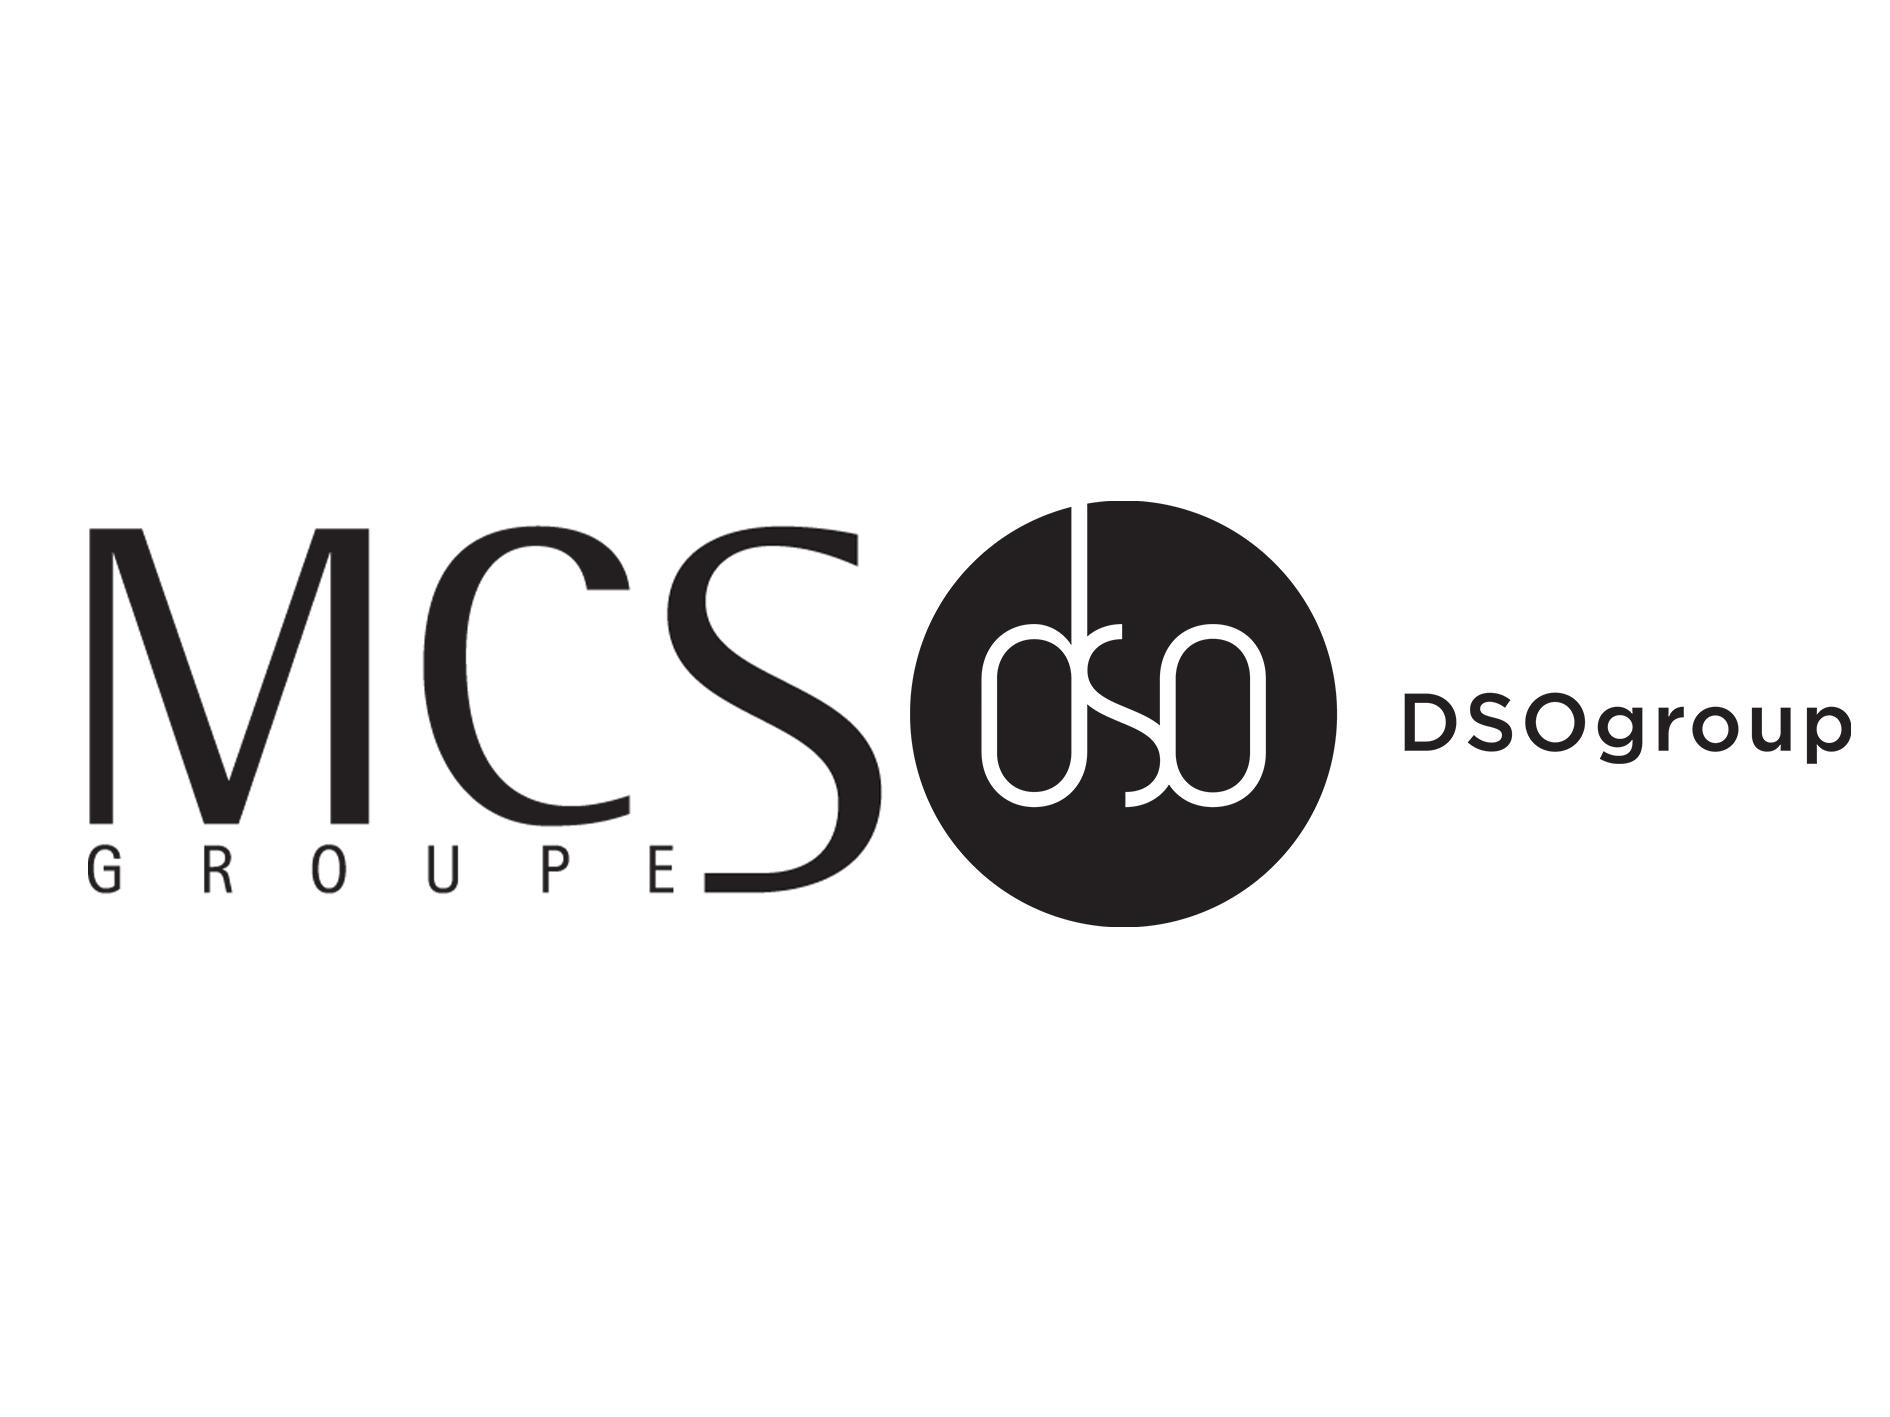 MCS/DSOgroup - les experts de la relation financière clients